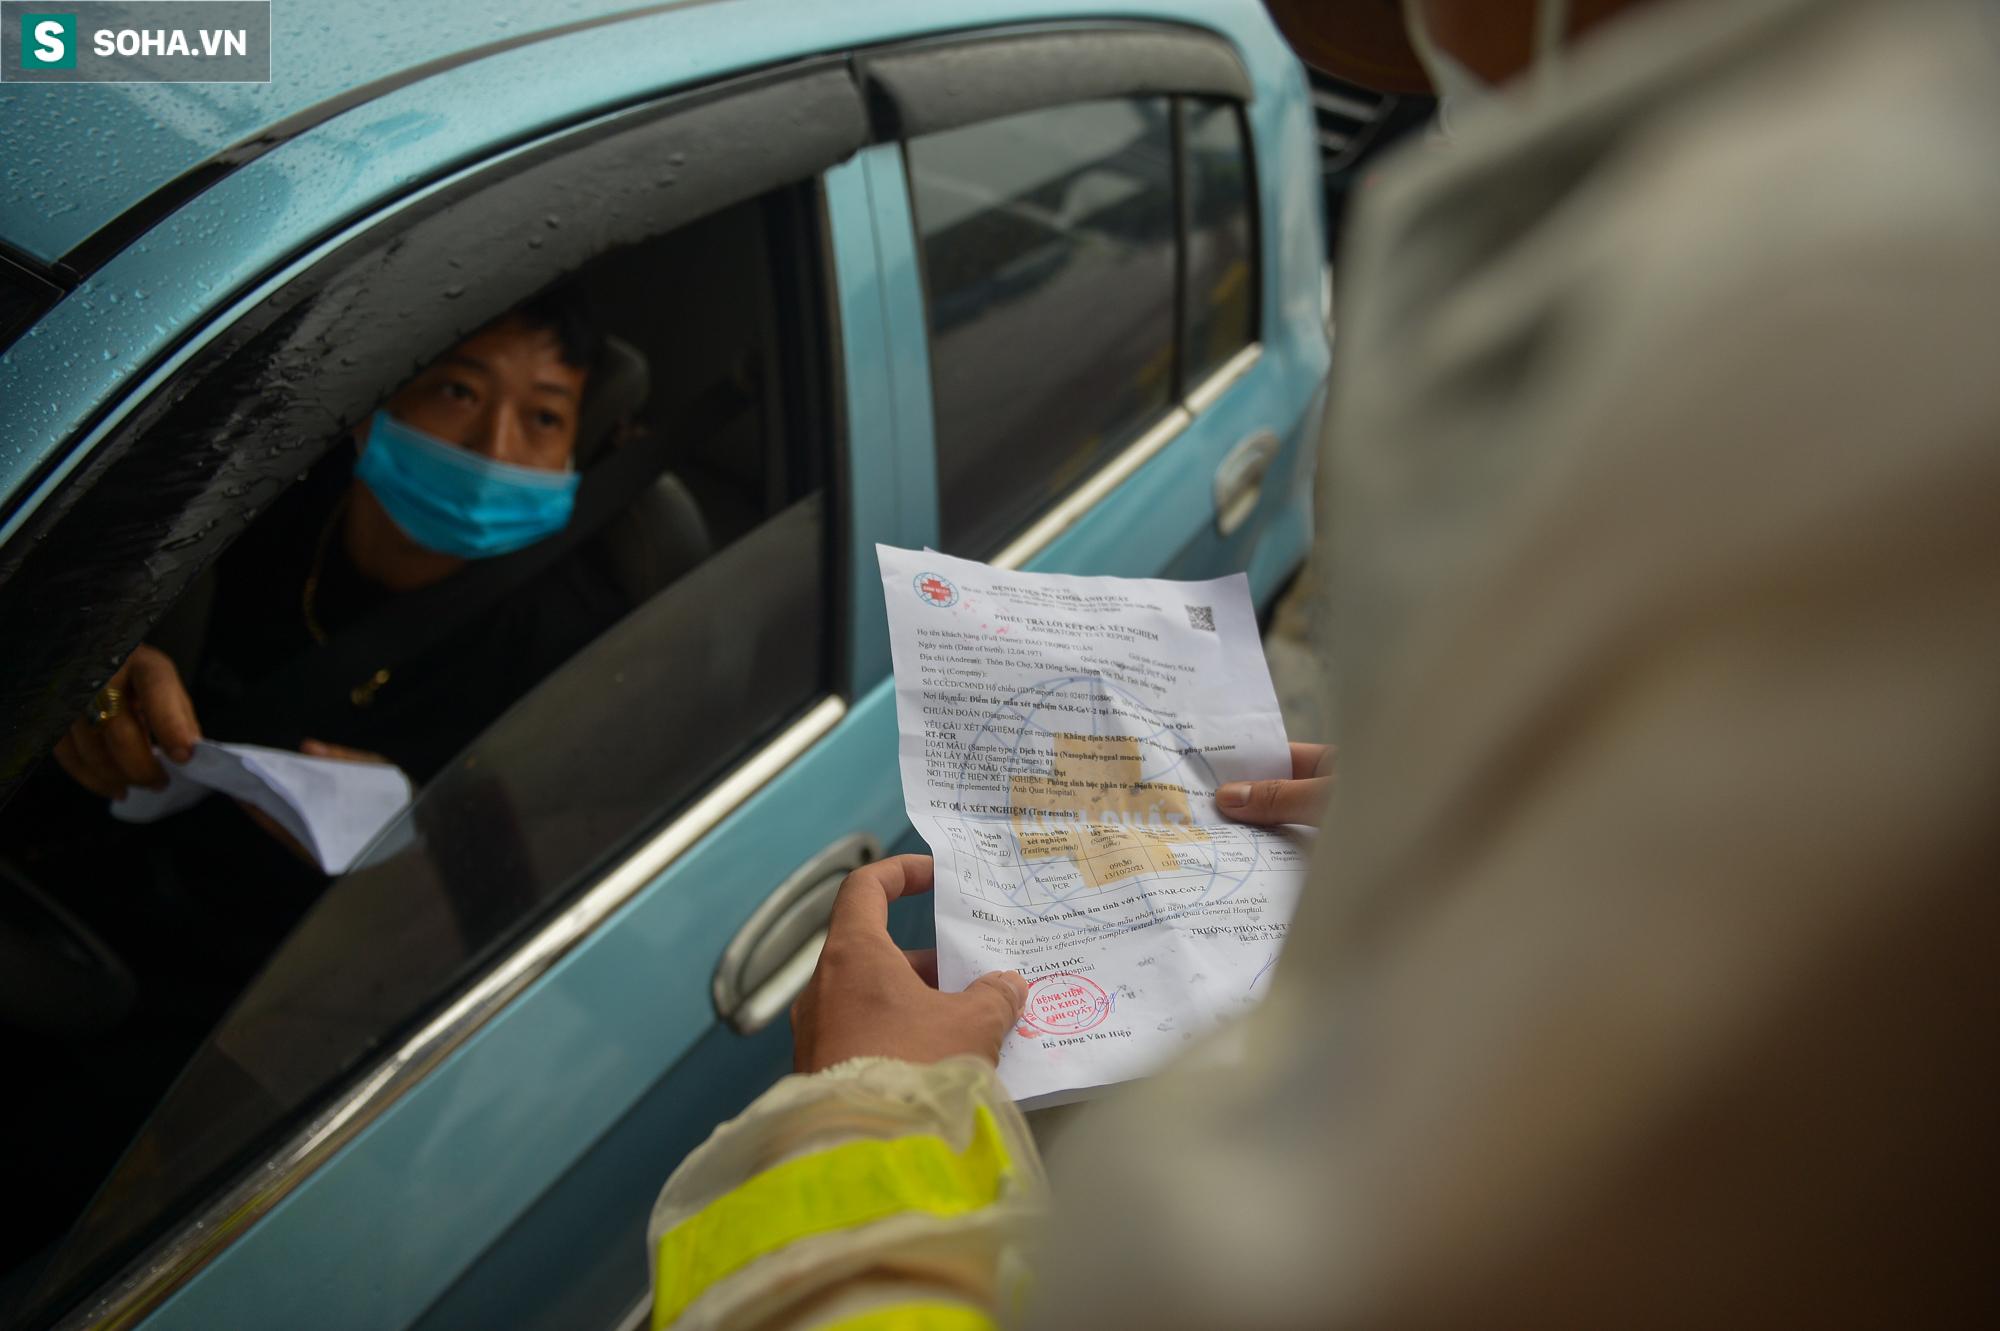 Nhiều tài xế phải quay đầu ở chốt cửa ngõ Hà Nội vì không có giấy xét nghiệm Covid-19 - Ảnh 3.